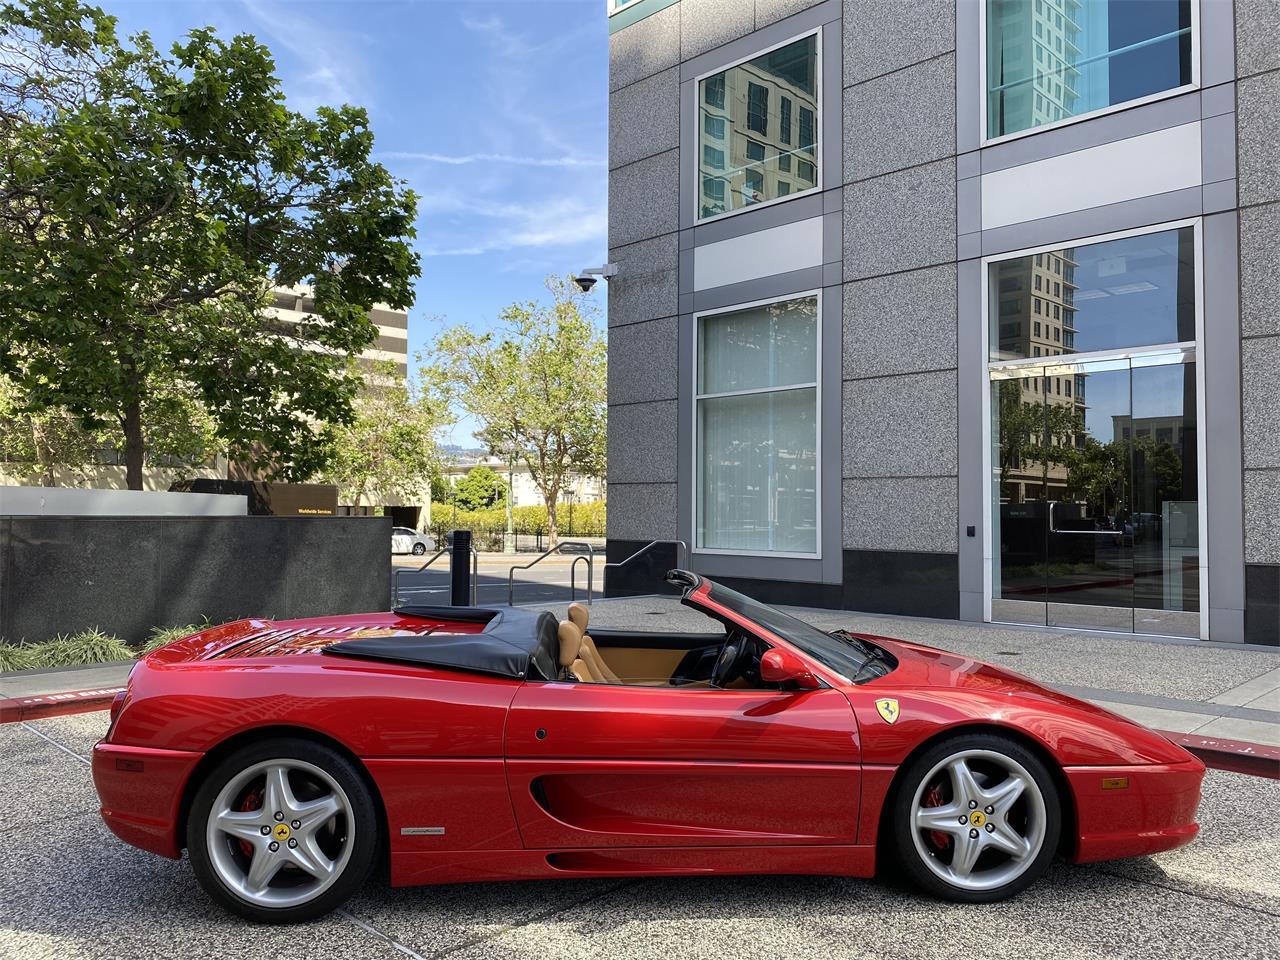 1999 Ferrari F355 Spider (CC-1354387) for sale in Oakland, California